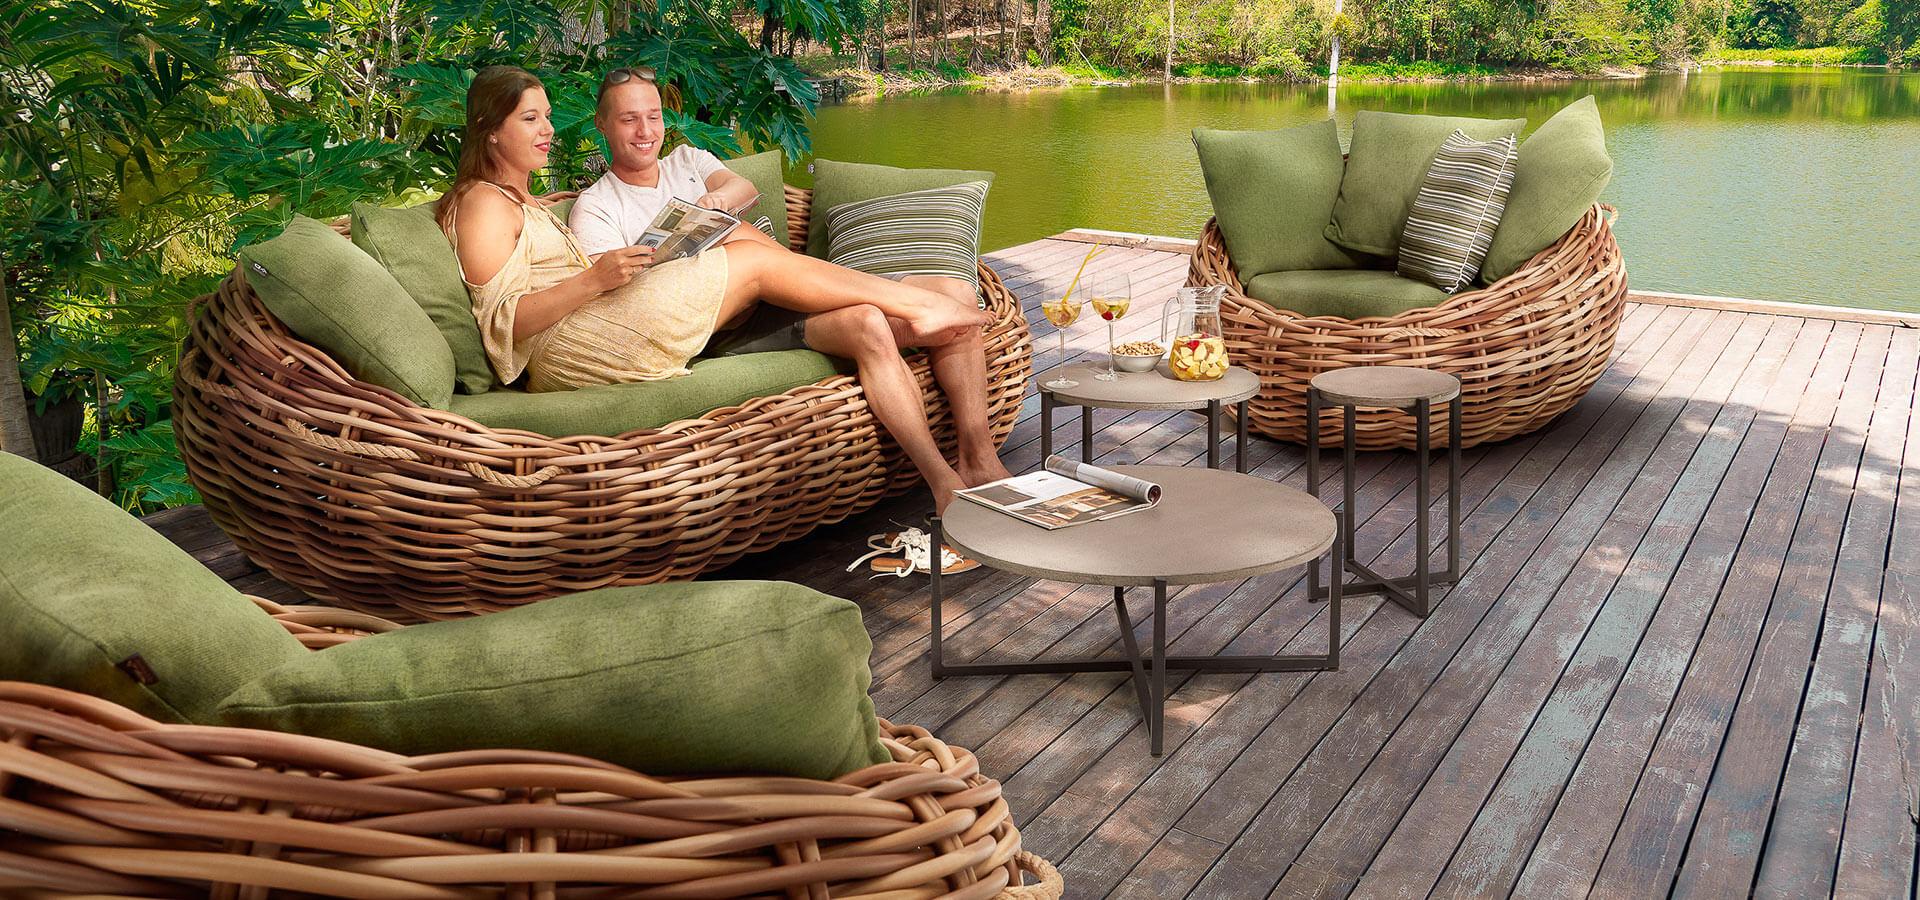 Geflecht Garten Loungemöbel kaufen bei ZEOTTEXX GmbH › ZEOTTEXX ...